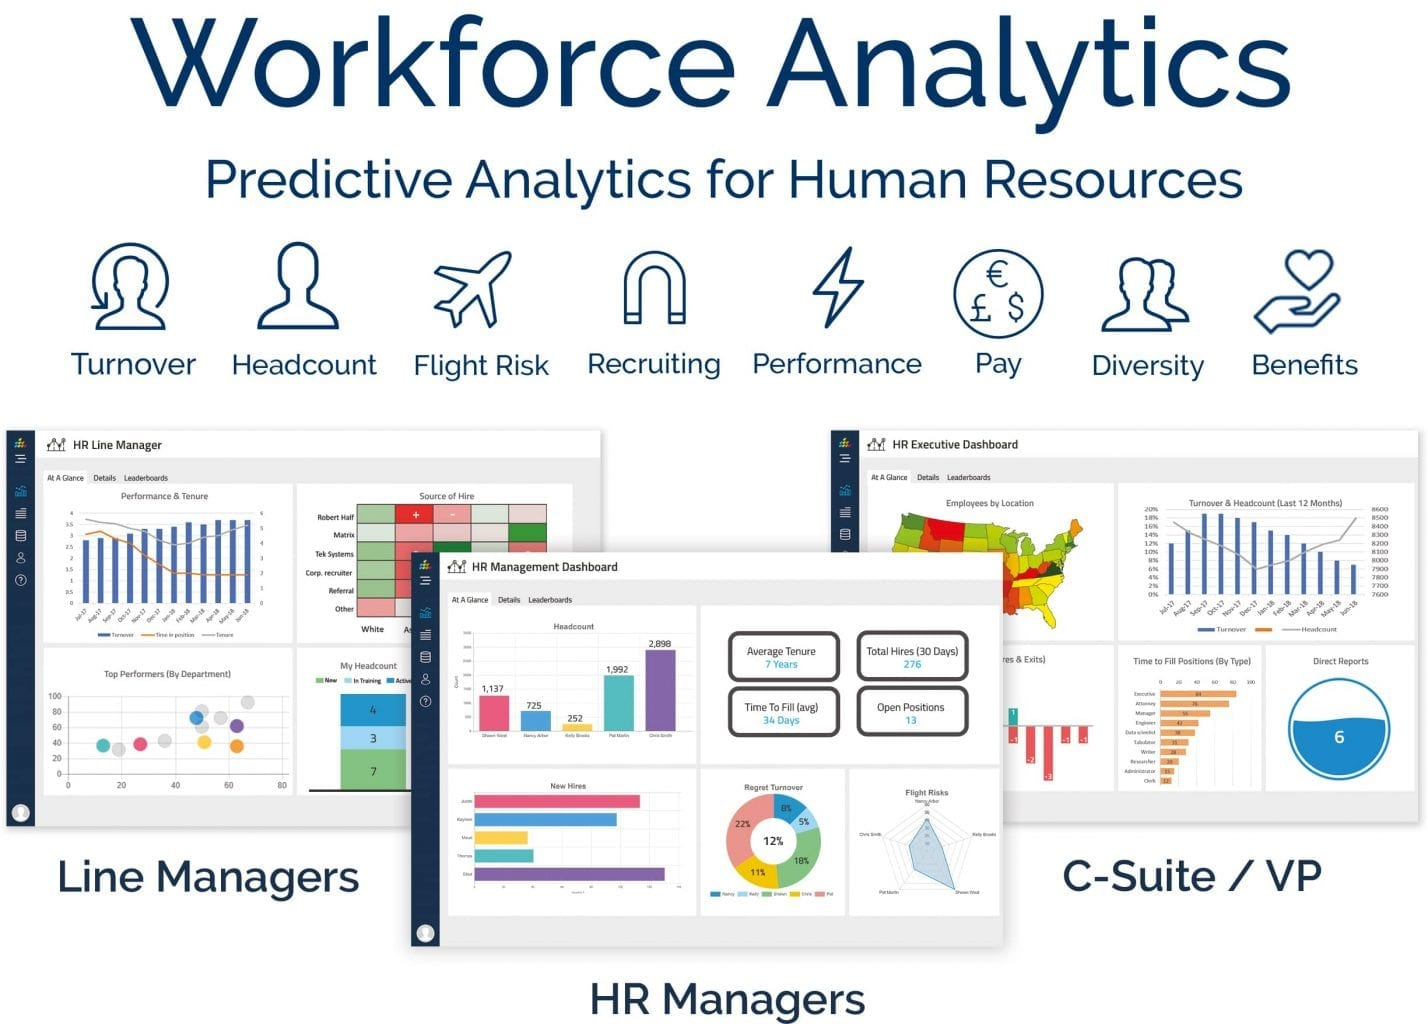 Workforce Analytics